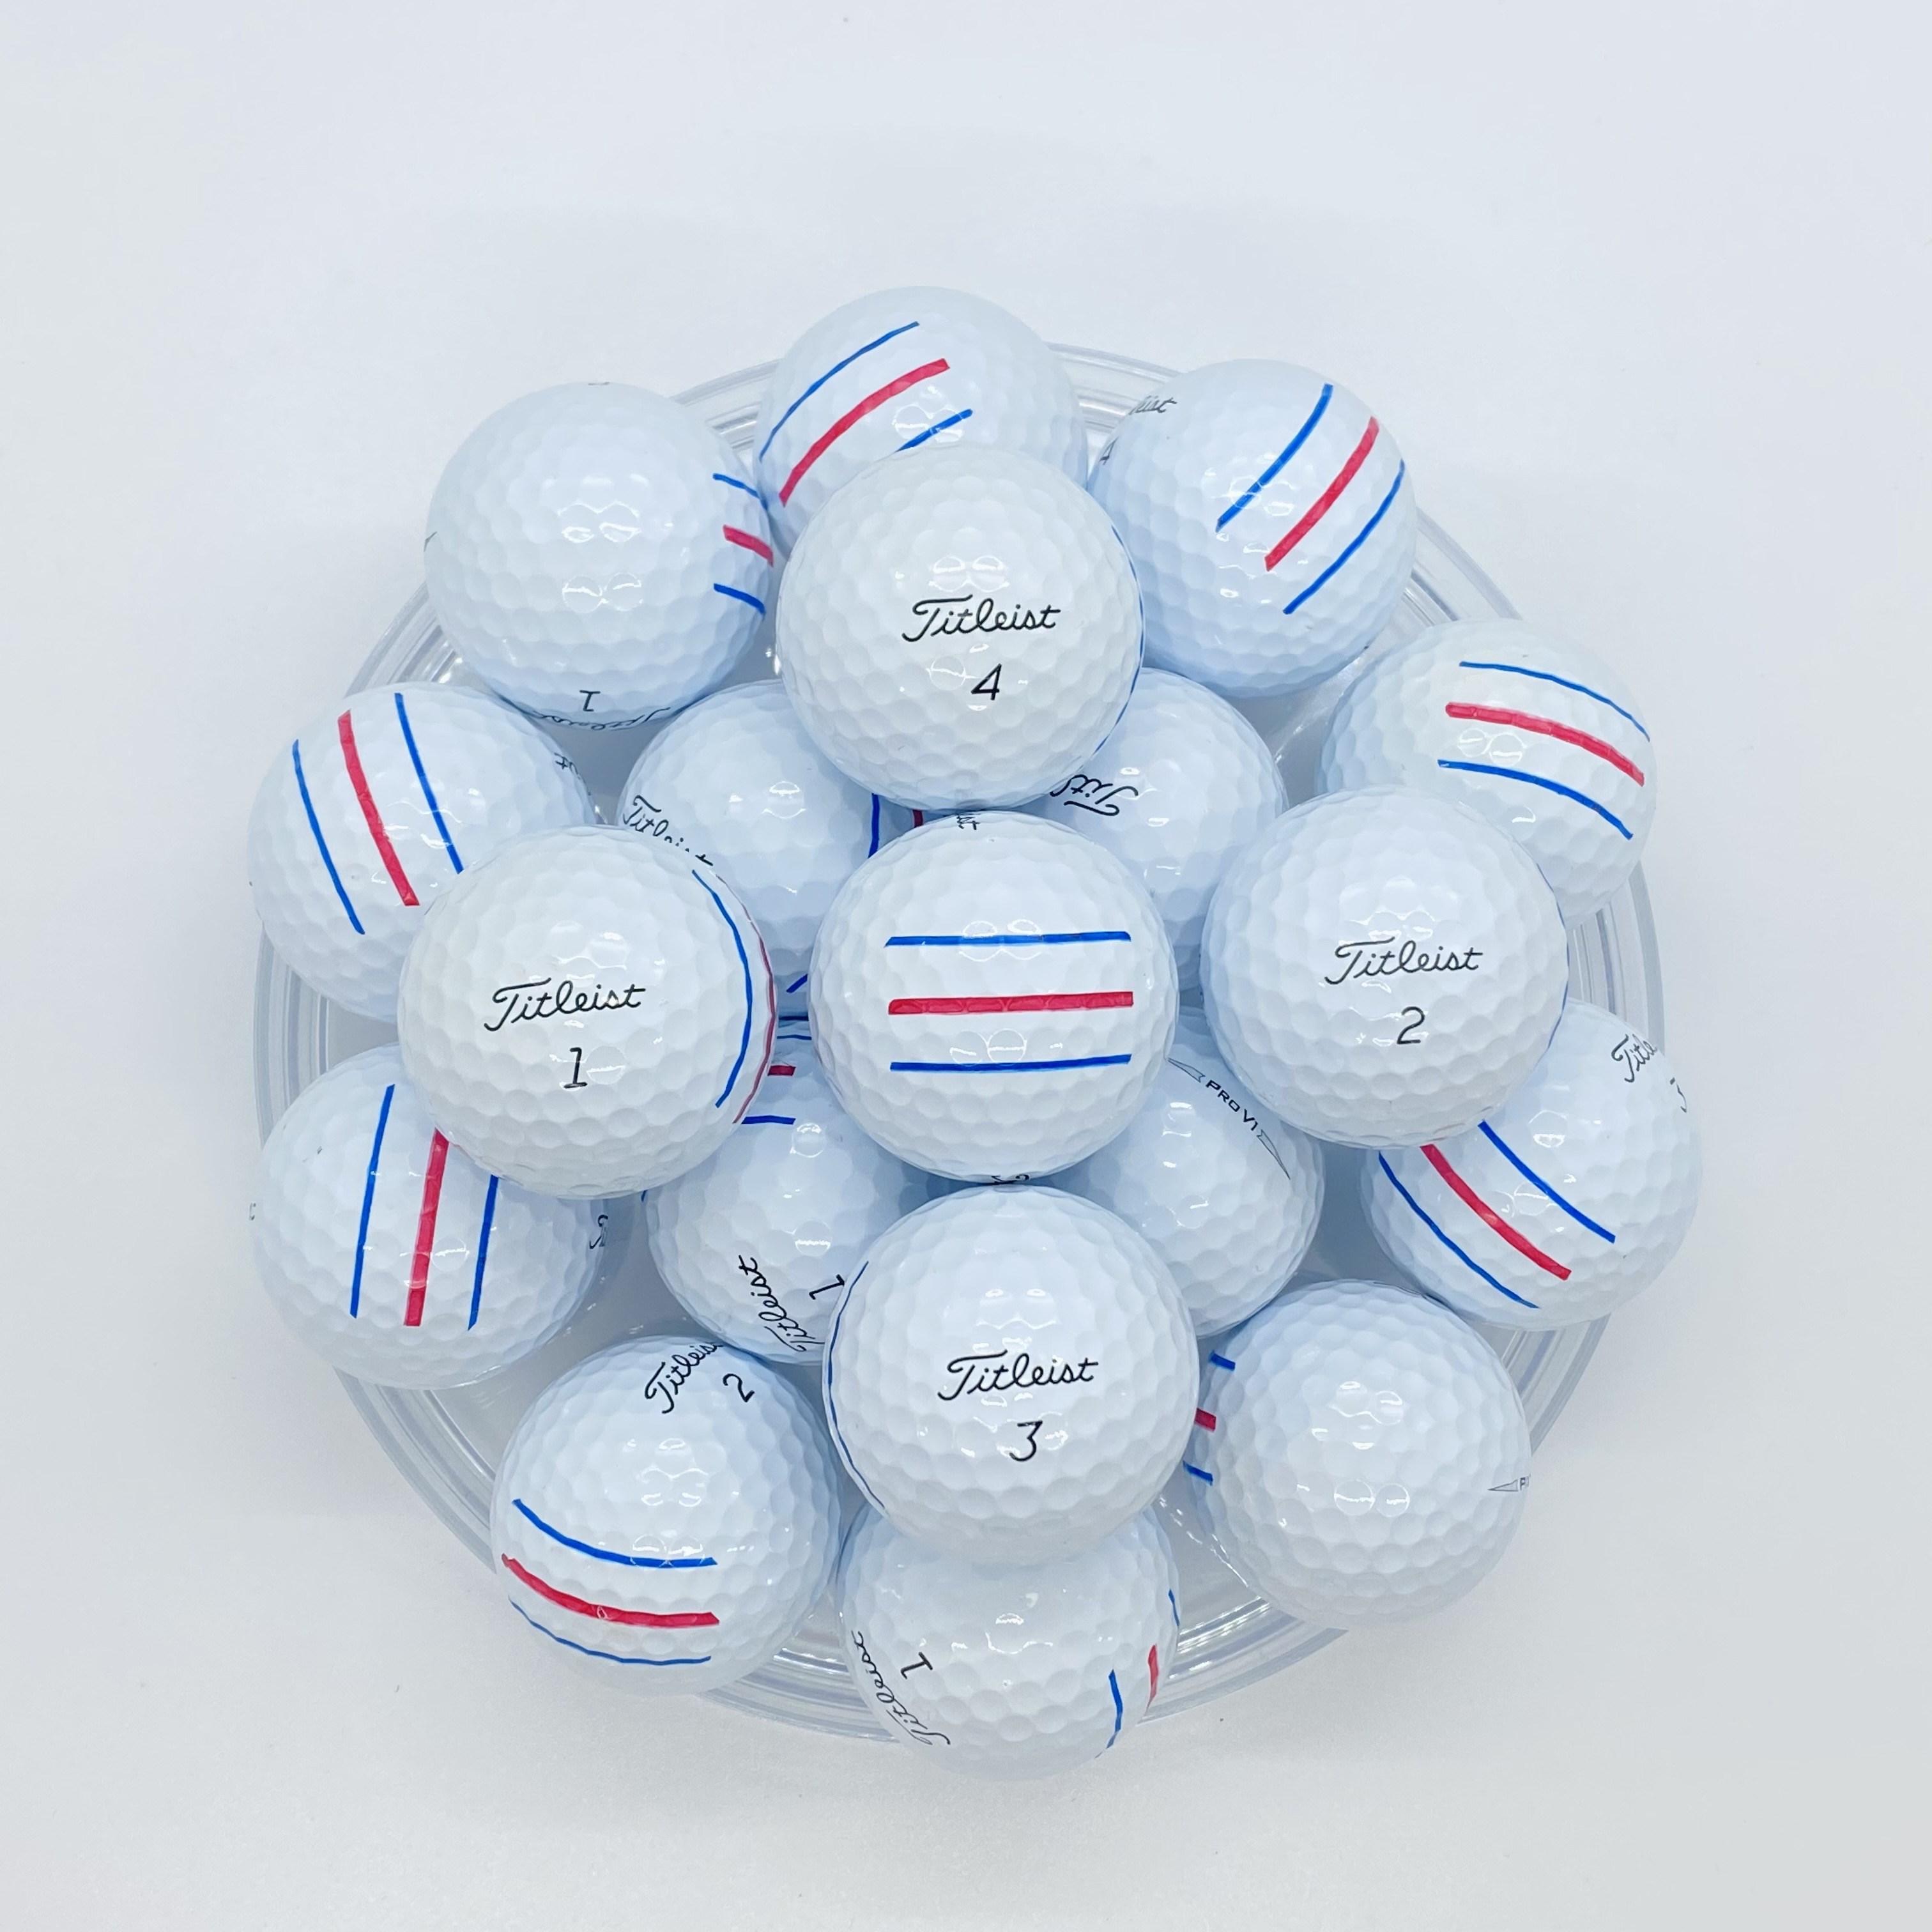 타이틀리스트 로스트볼 삼선마킹 화이트 골프공 PRO V1 A+, 10개, 삼선마킹 화이트 PRO V1 A+